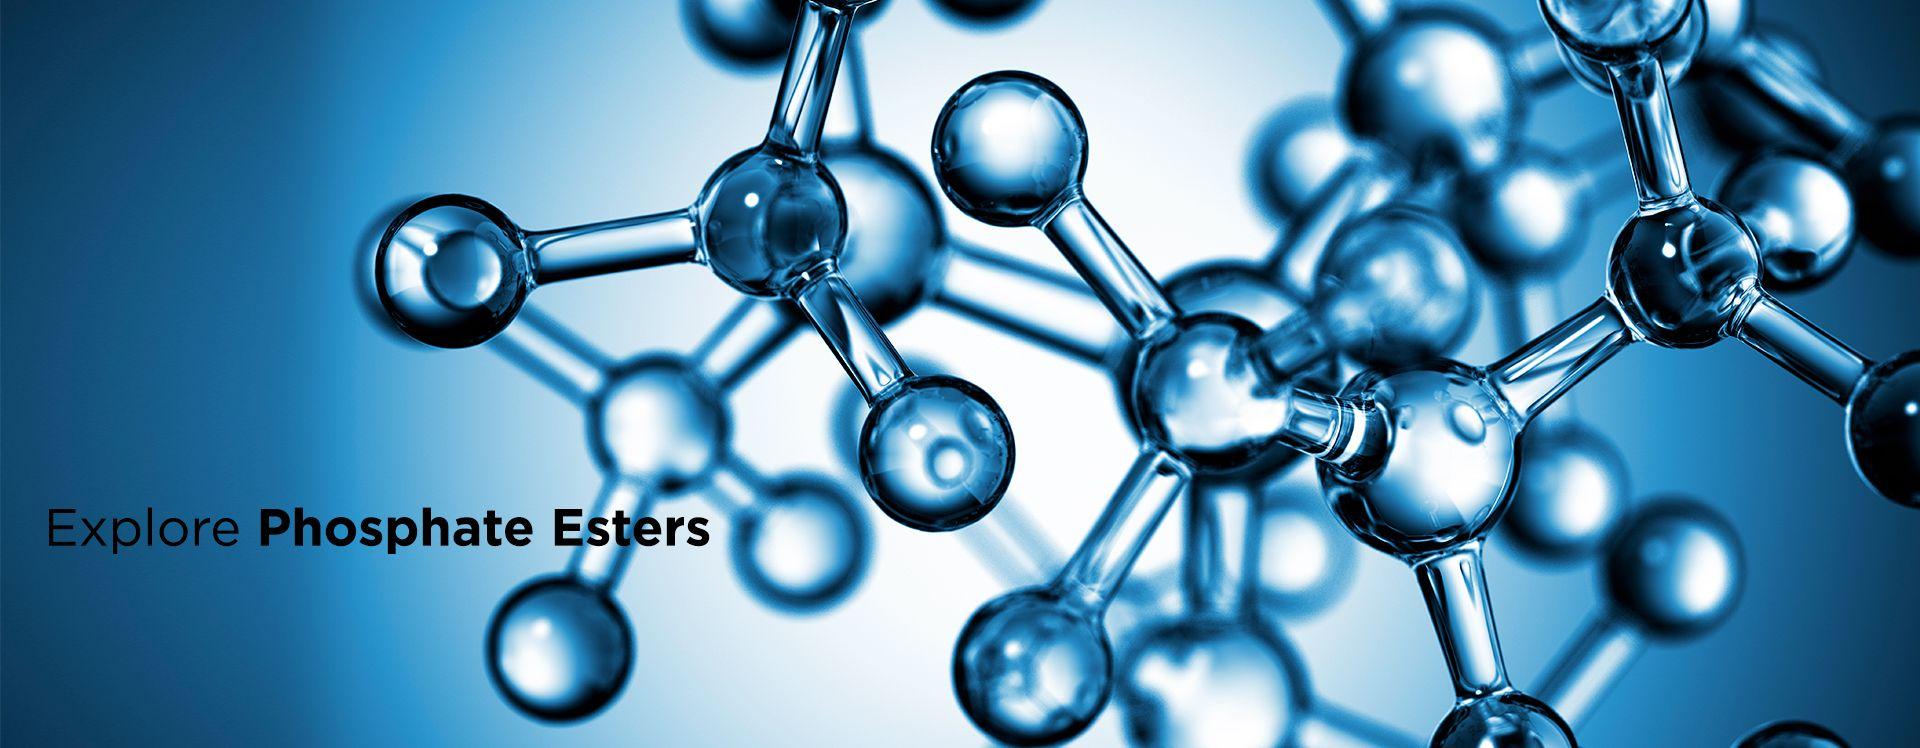 Phosphate-esters